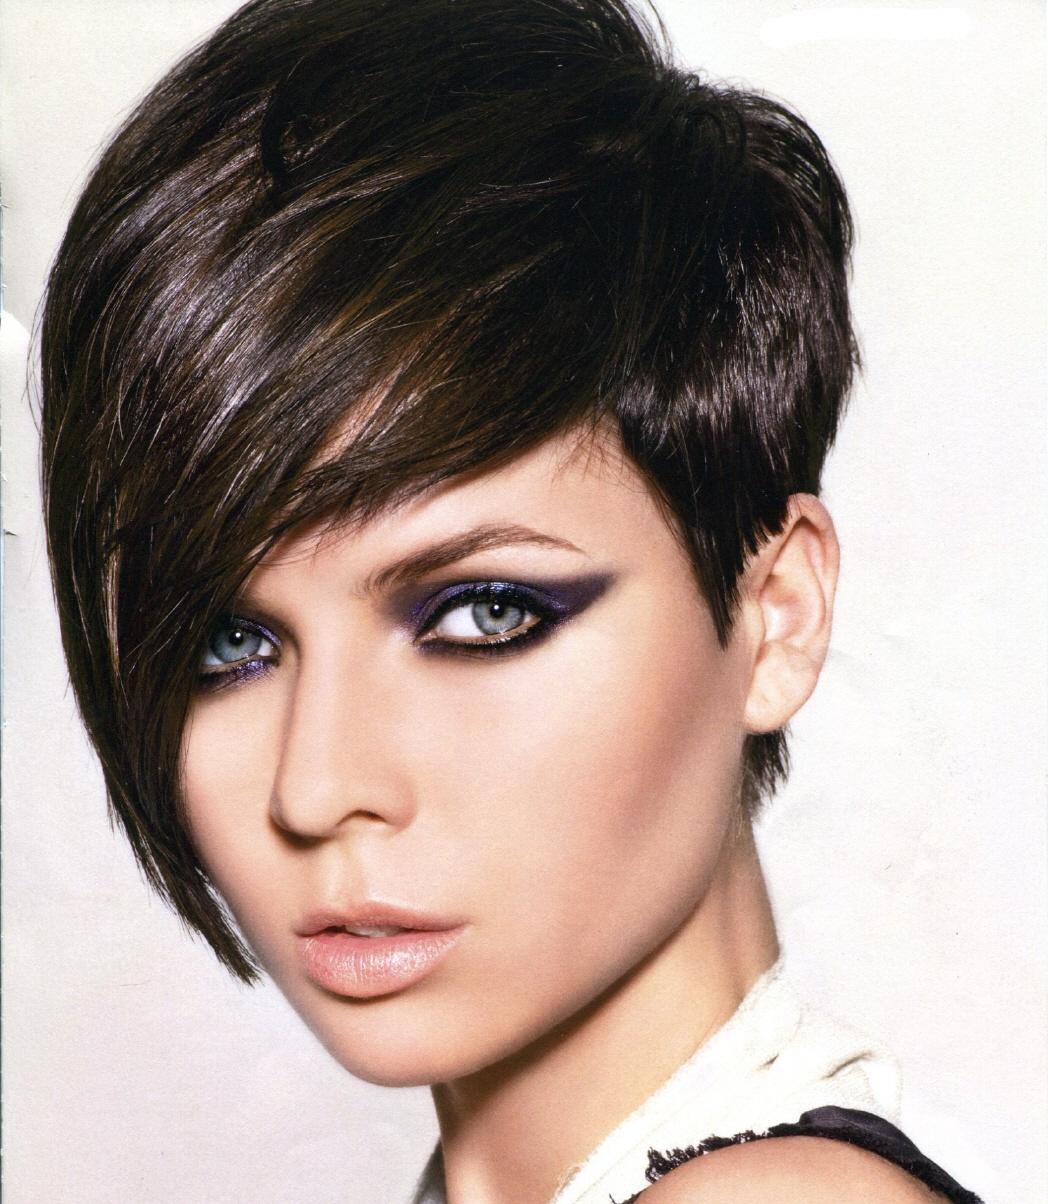 Современные модели женских стрижек на короткие волосы